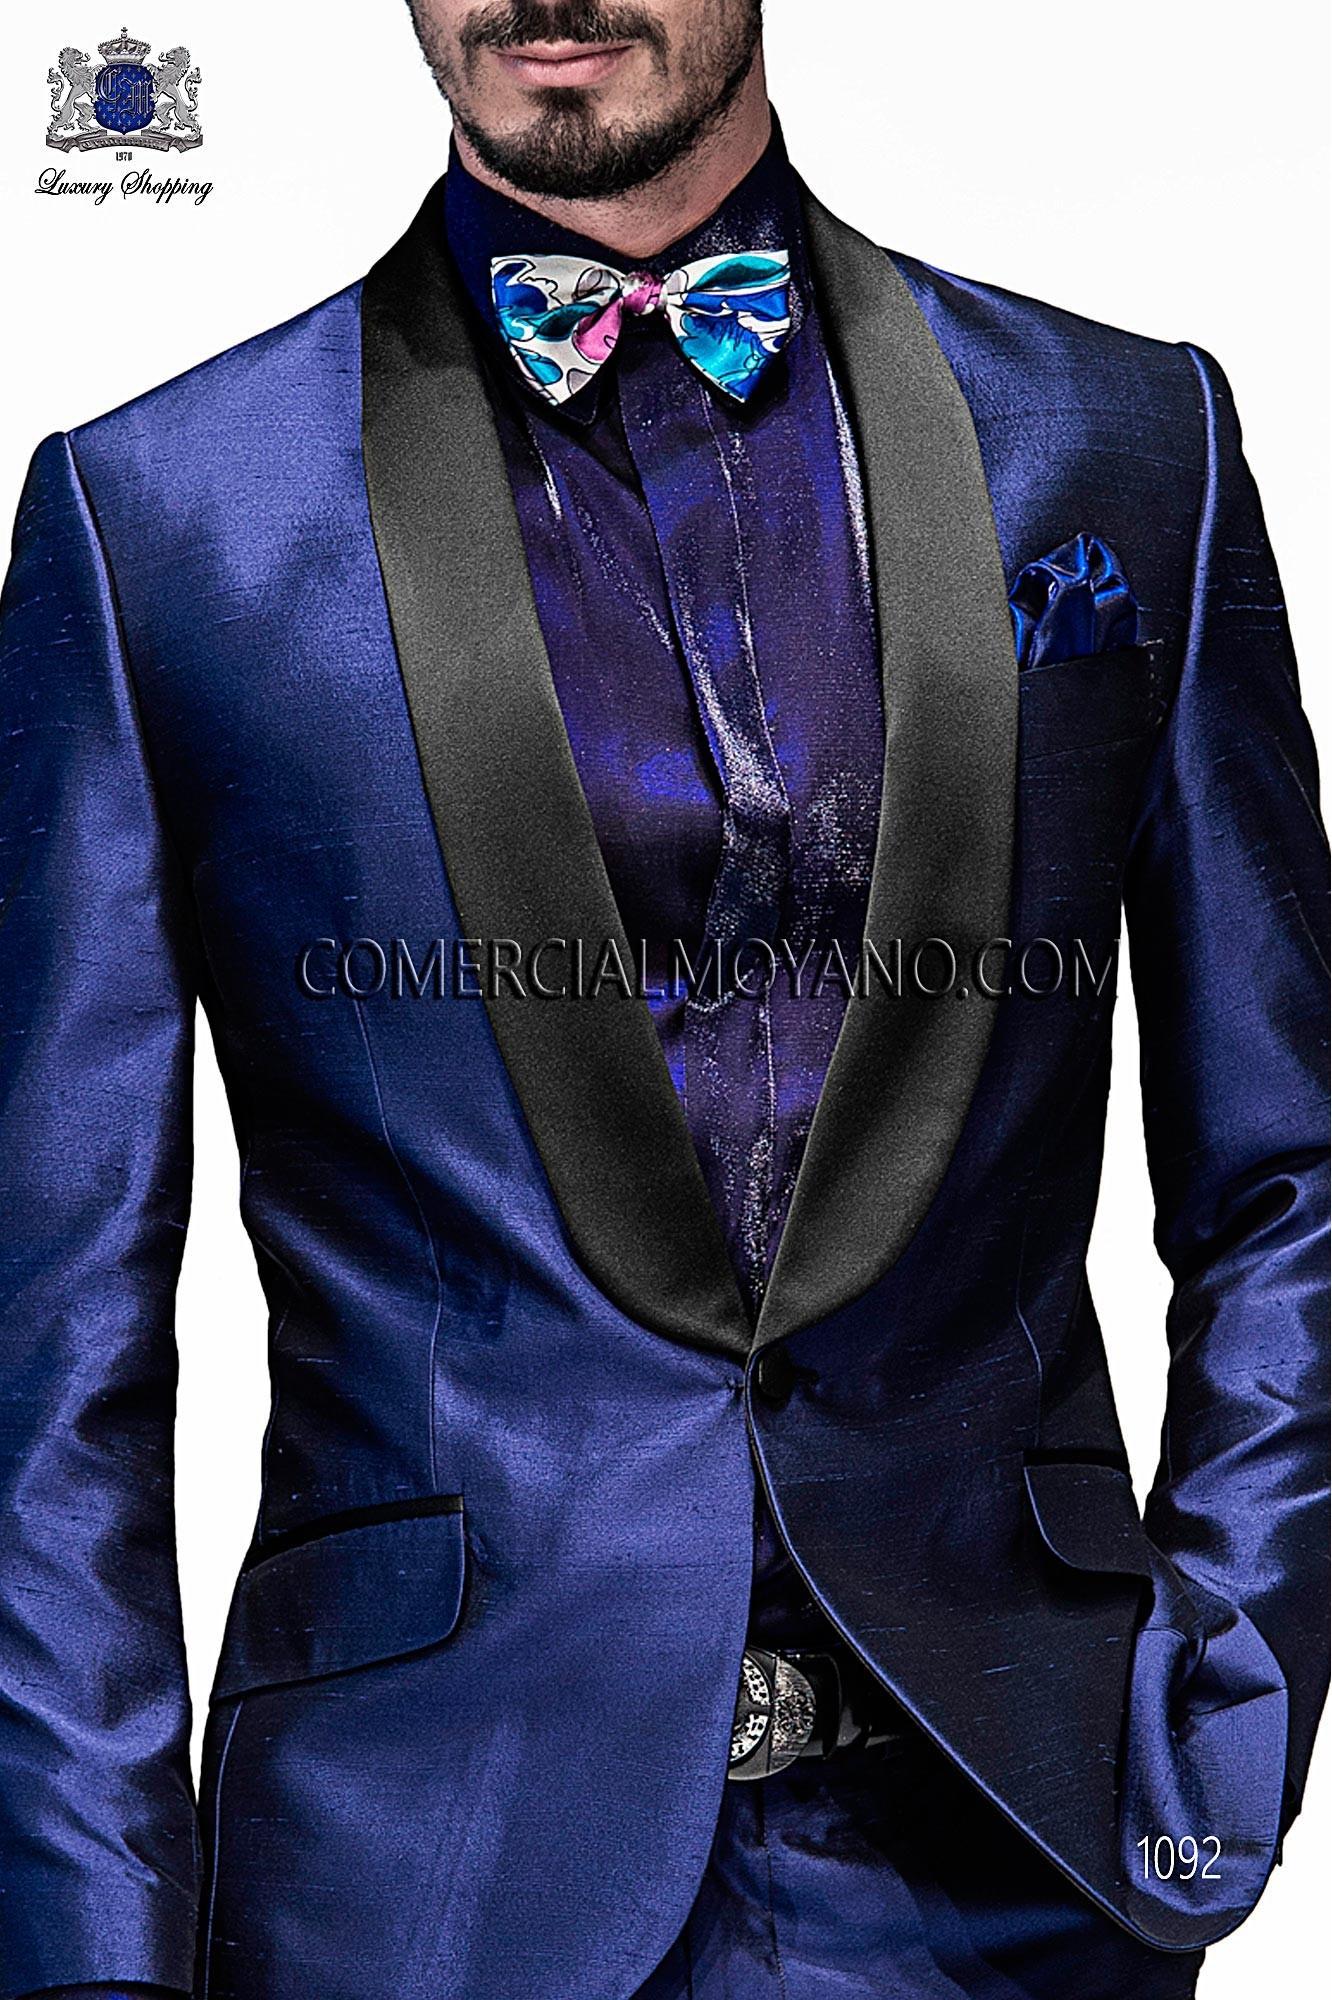 Traje Emotion de novio azul modelo: 1092 Ottavio Nuccio Gala colección Emotion